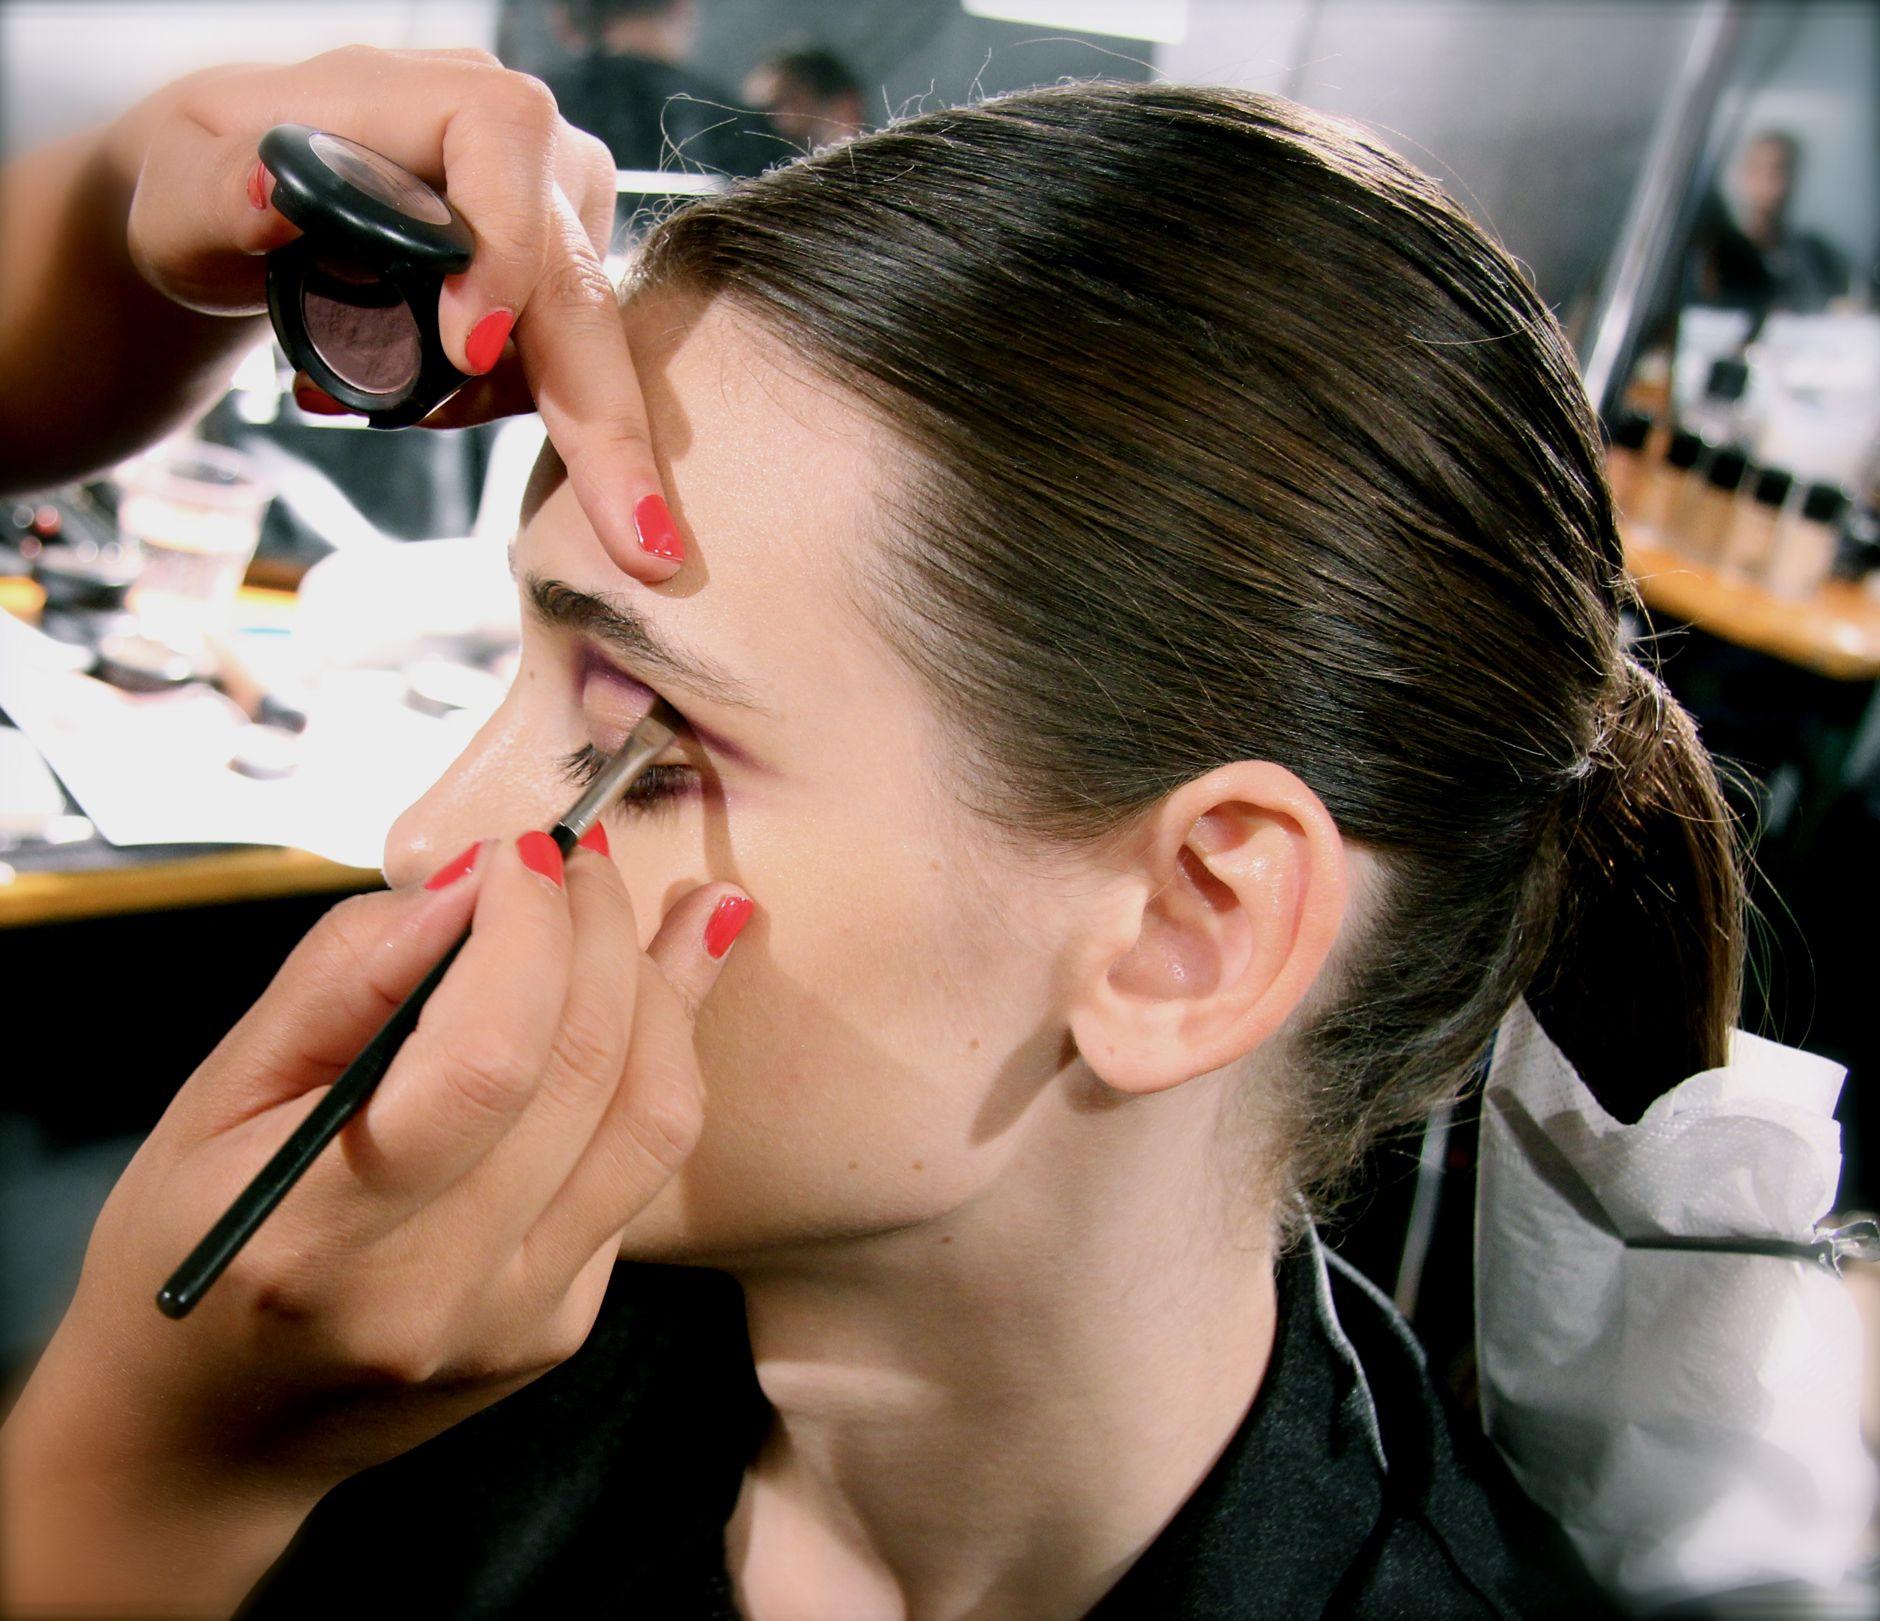 說到化妝,對女生來說,最重要而且不能忽略的就是眼妝,其中,為了要讓眼睛看起來閃爍有神,眼線就是靈魂人物,因此今天要為大家介紹的就是眼線類產品